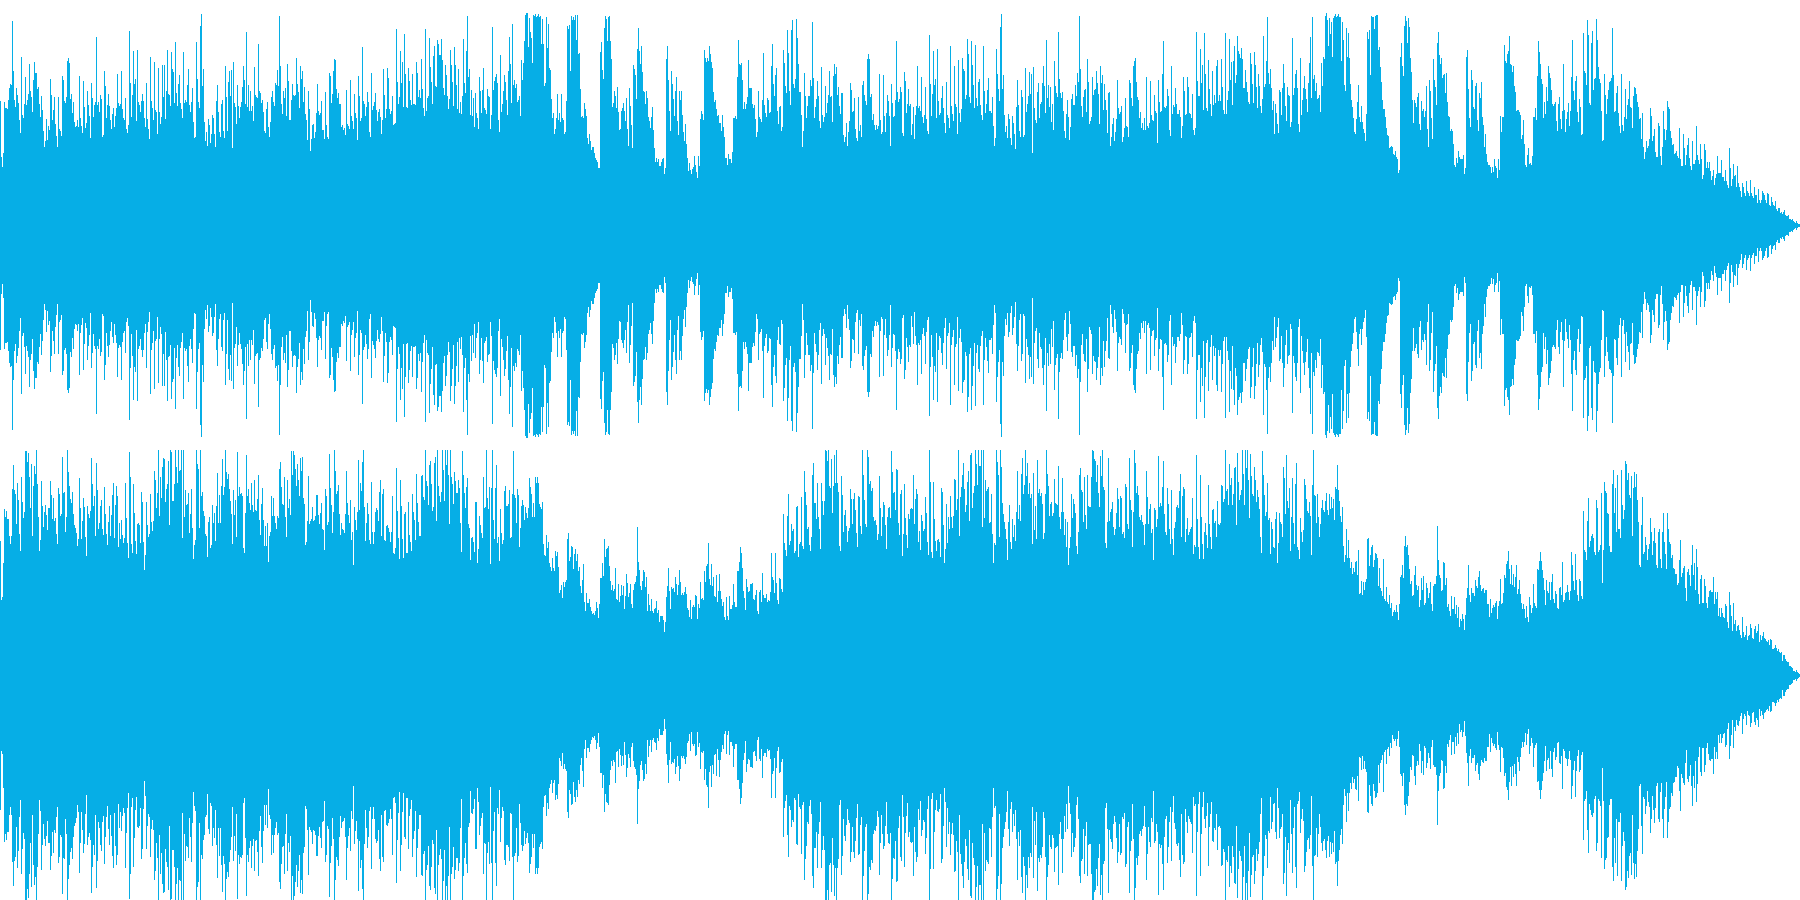 和やかな雰囲気に包まれた映像用BGMの再生済みの波形